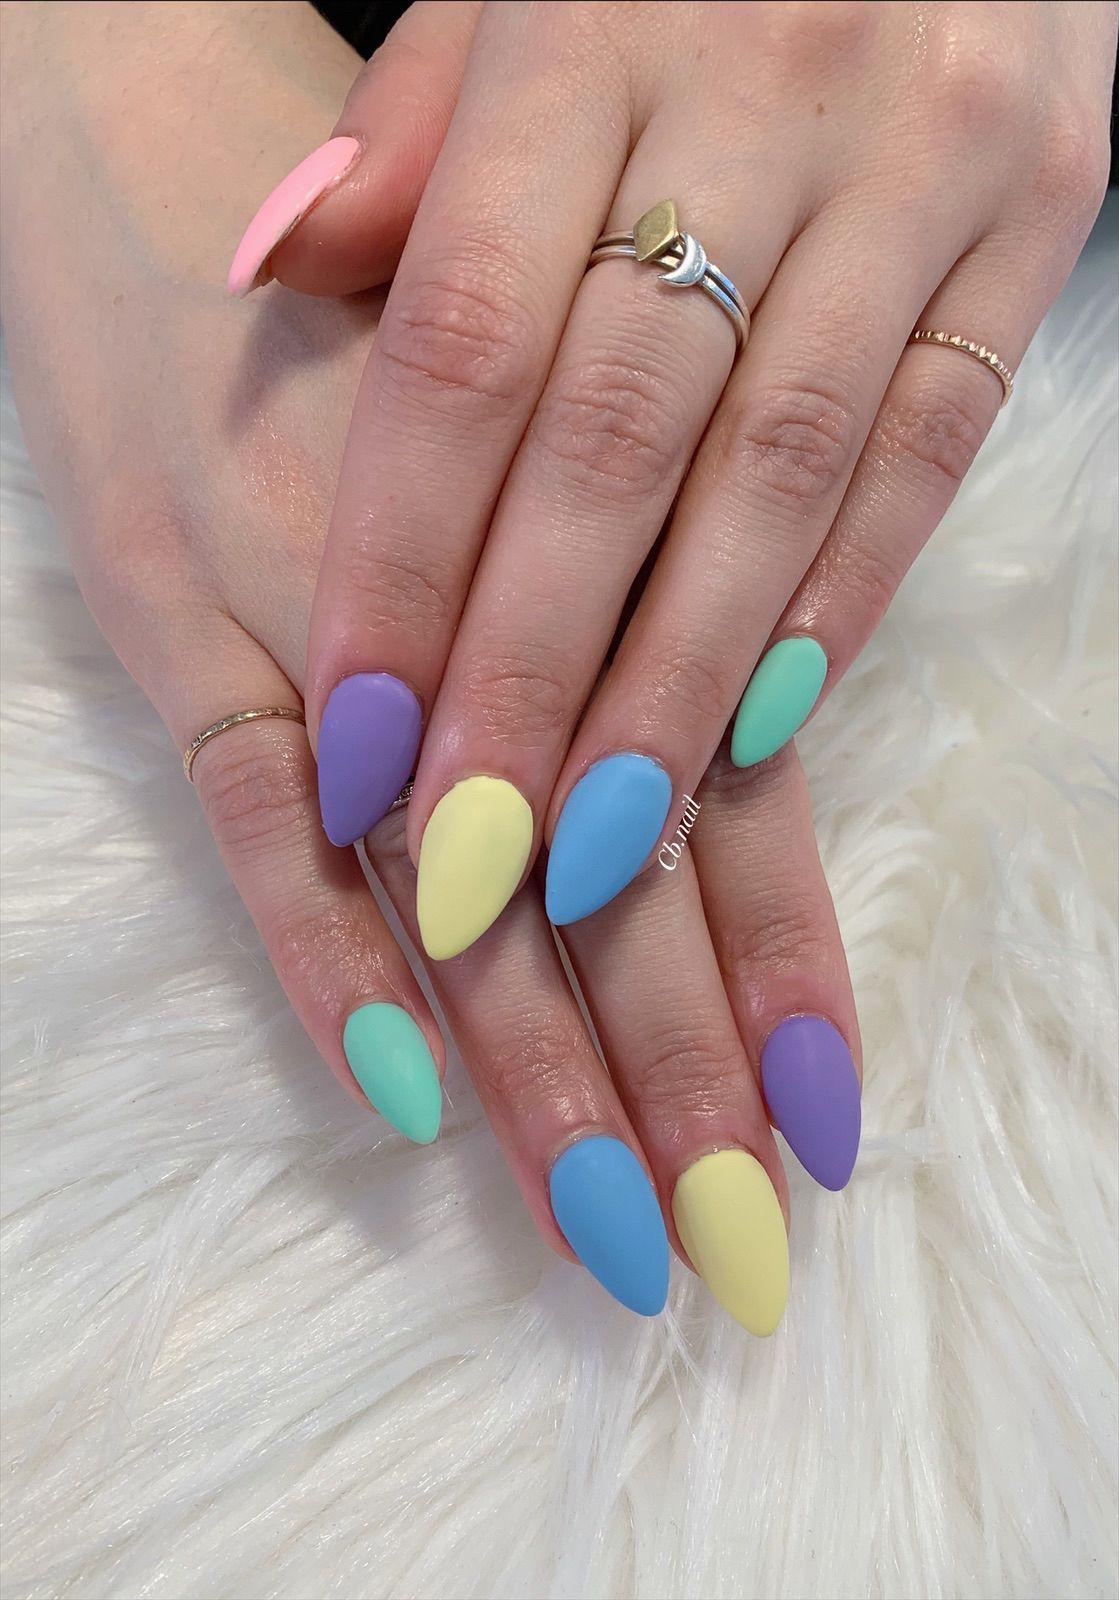 Spring Nails Easter Nails Acrylic Nails Matte Nails Pastel Nails Almond Nails Pink Nails Green Nails Yellow Nai Cute Pink Nails Easter Nails Blue Nails